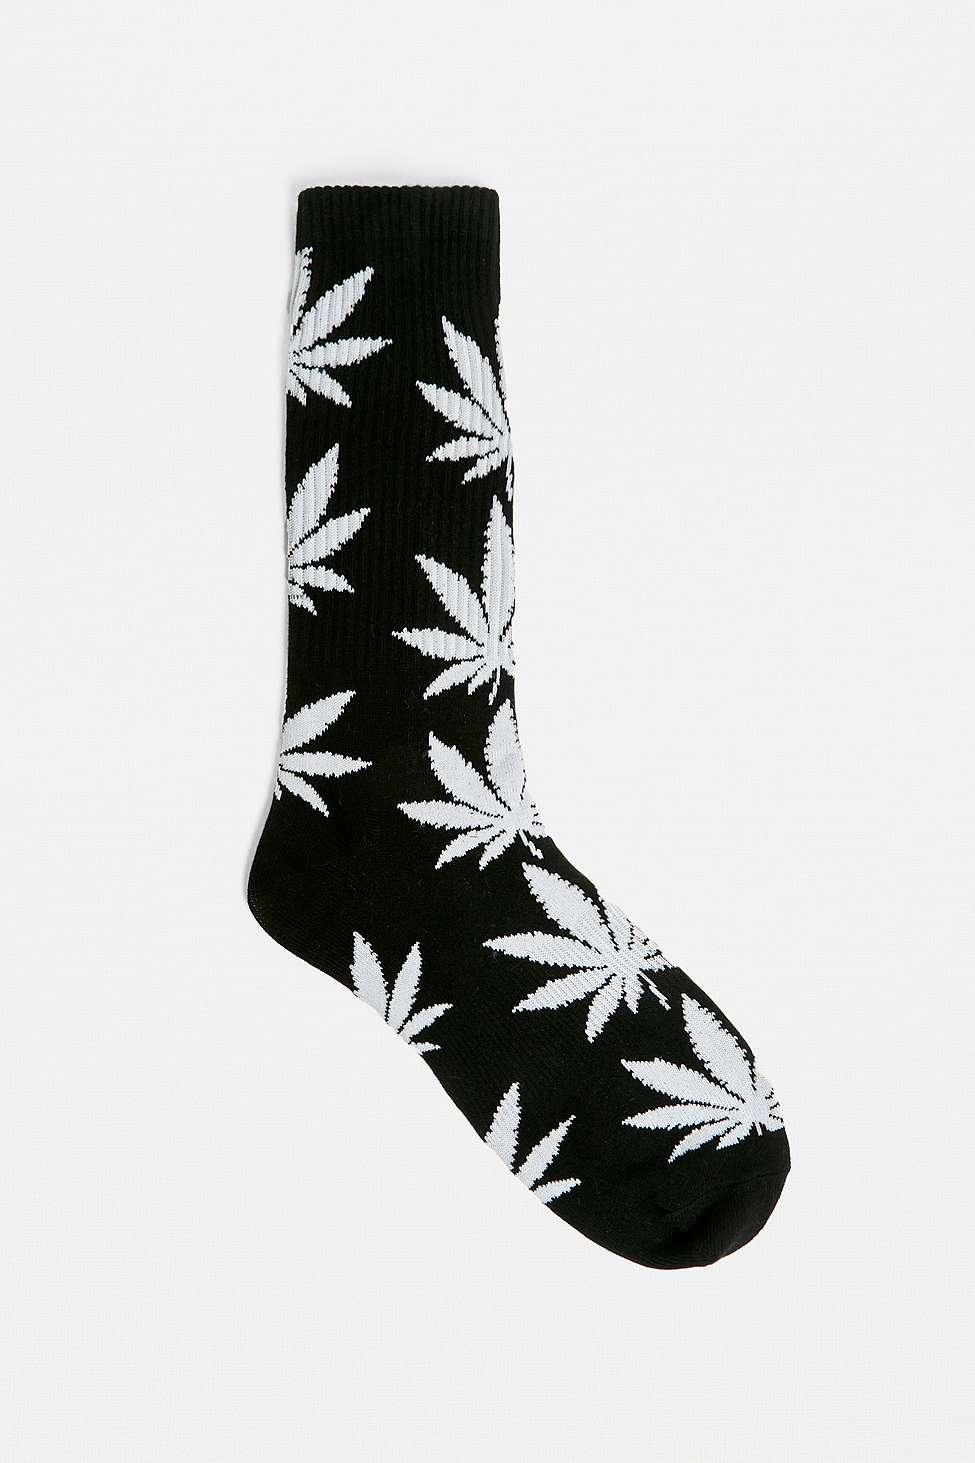 e3fbea39cdd2a Huf Plantlife Black Socks - Mens All in Black for Men - Lyst